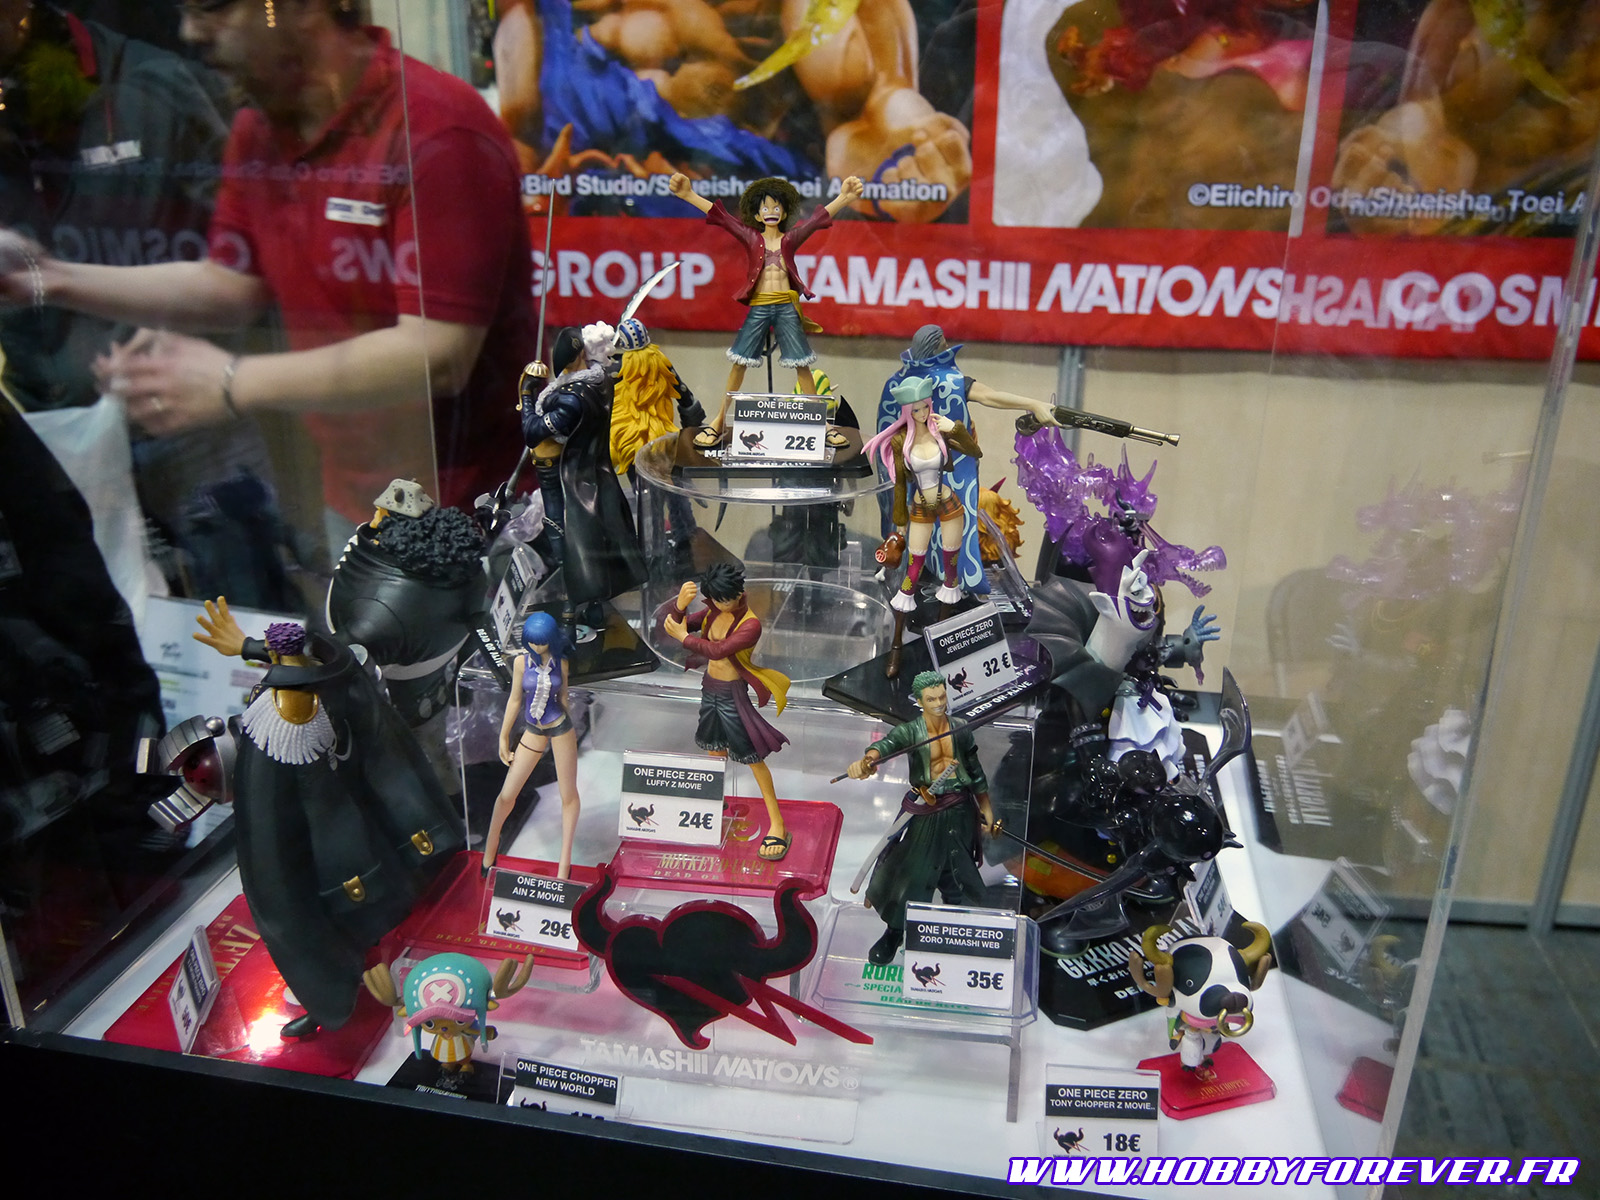 Le stand Tamashii Nation de Bandai était vraiment petit. Ici quelques-unes des figurines exposées.